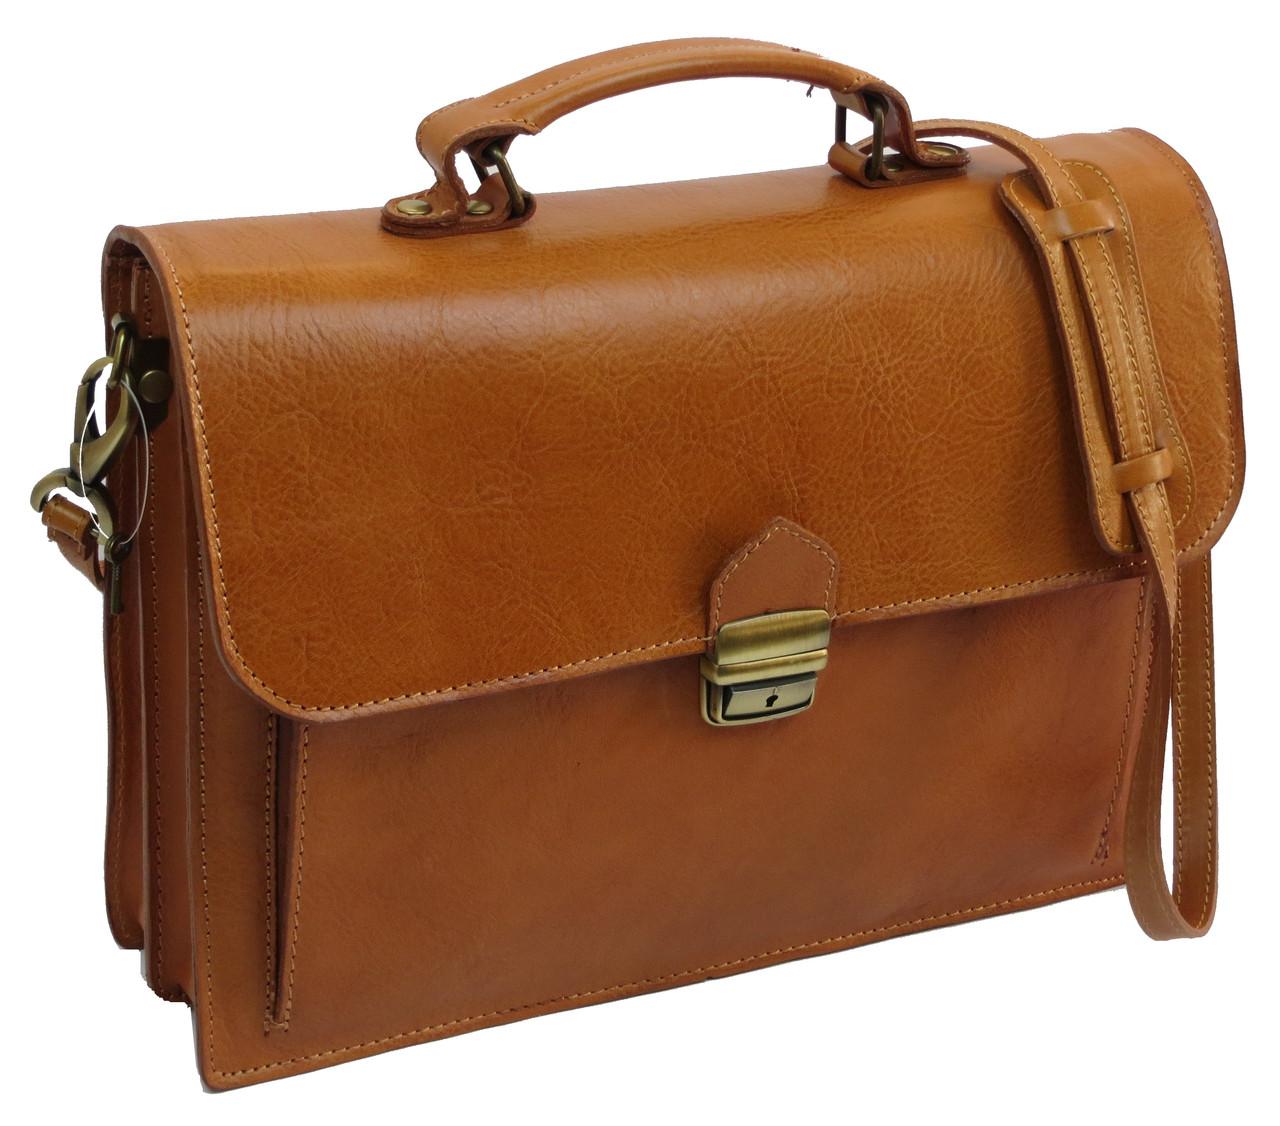 a589872c5f98 Яркий мужской кожаный портфель TOMSKOR, Польша 81569 рыжий — только  качественная ...